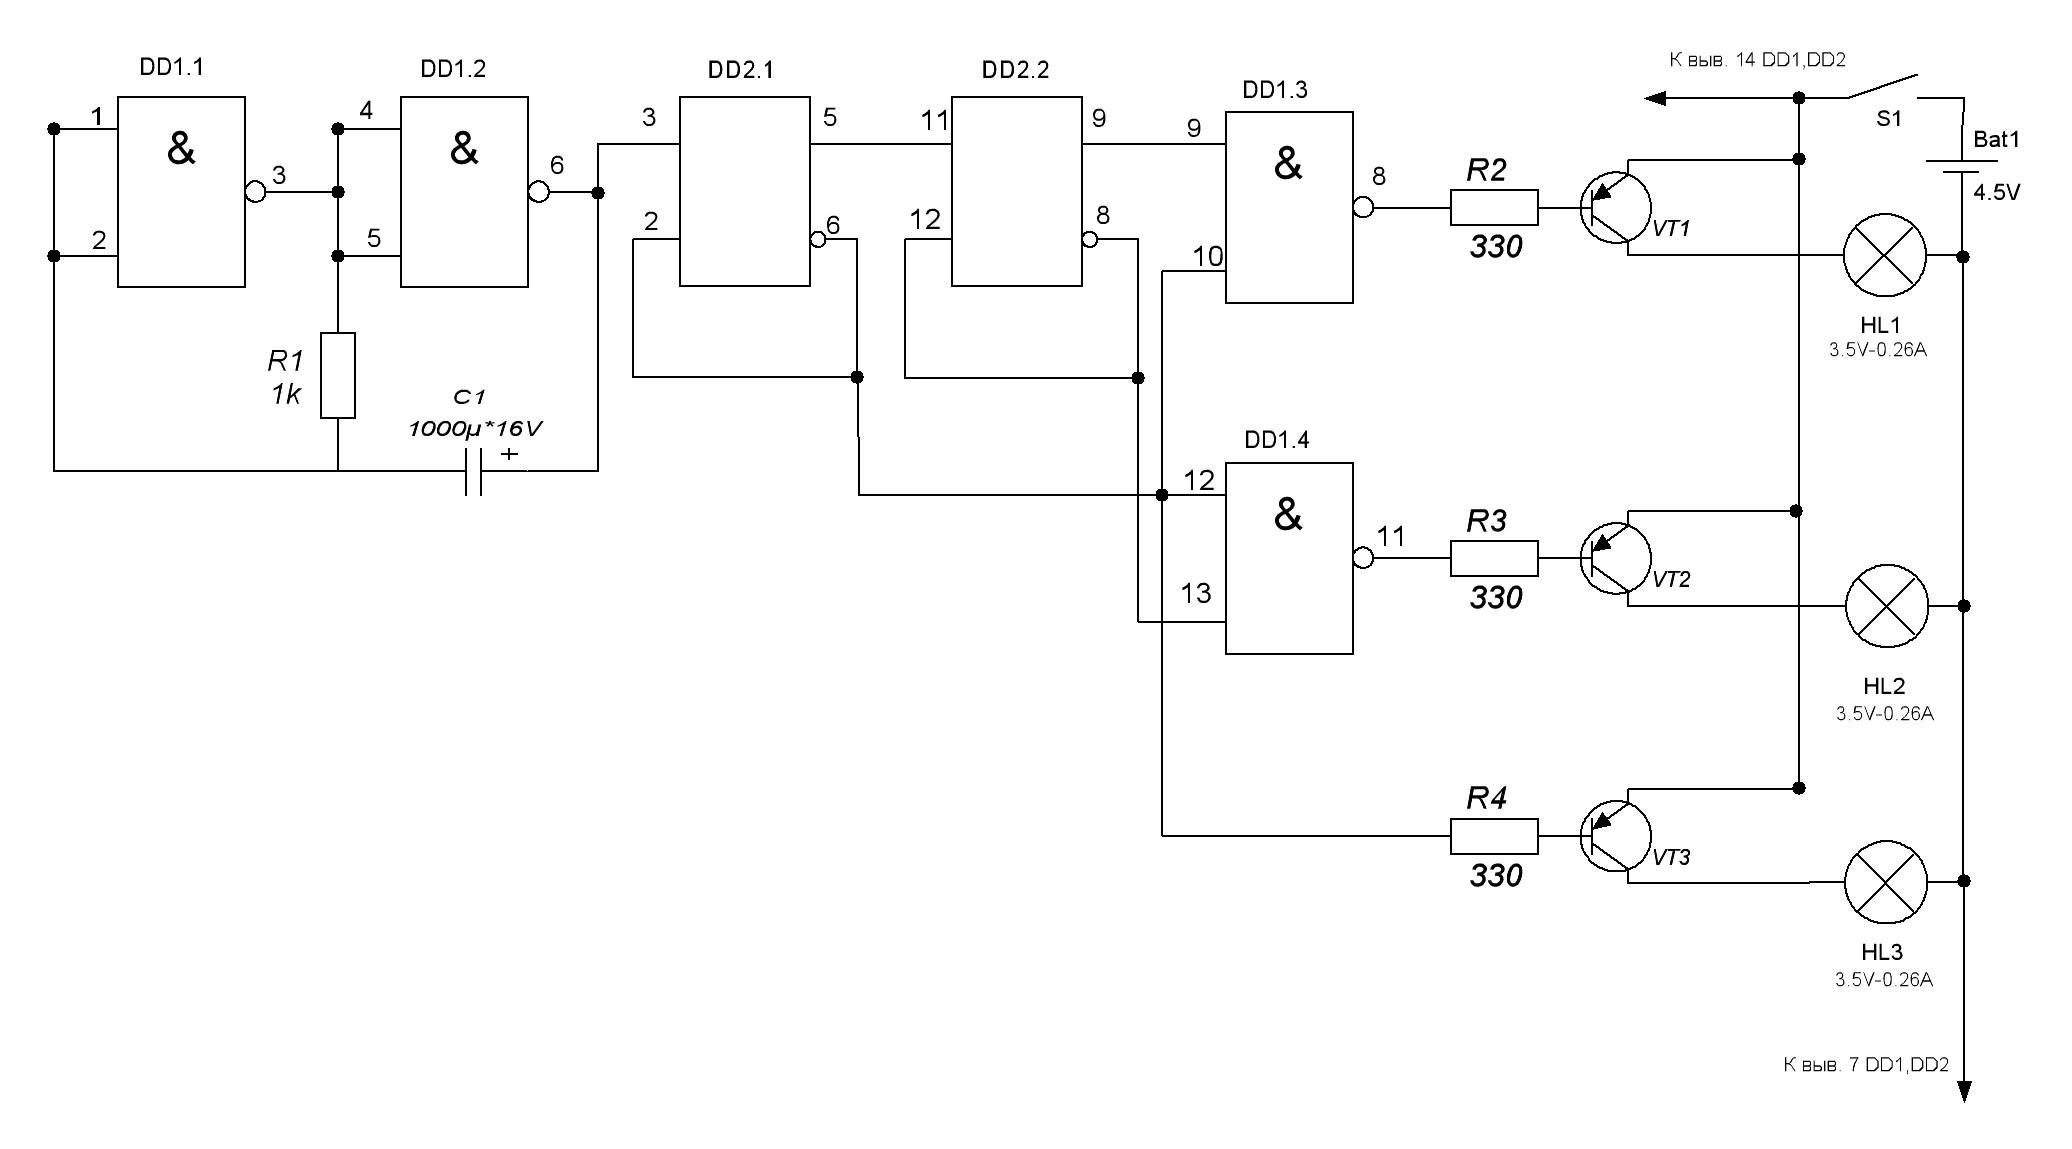 ВСН 9477 Минтрансстрой Инструкция по устройству